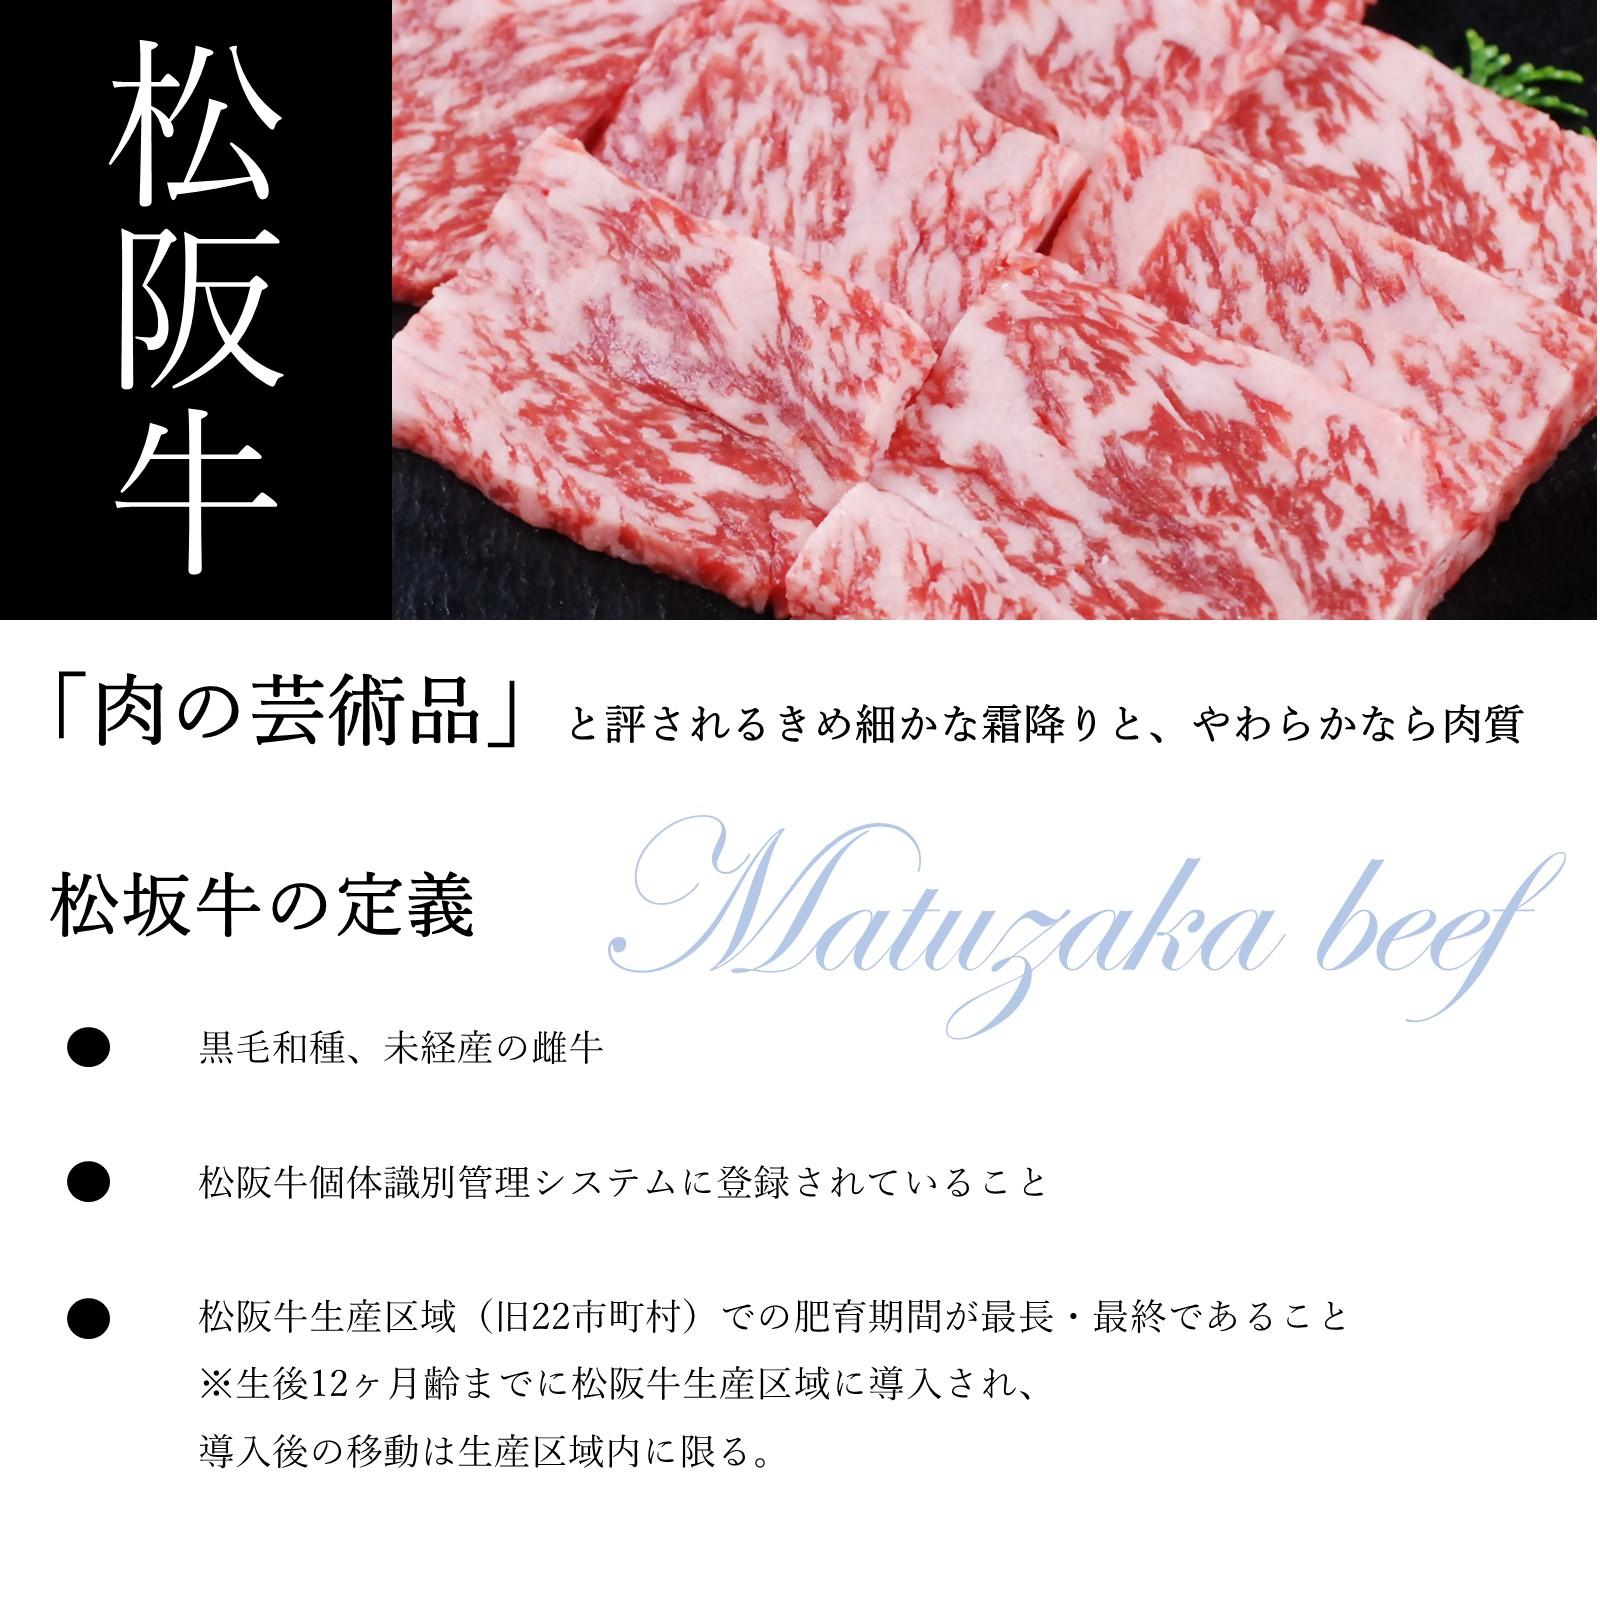 氷温熟成 6大ブランド和牛食べ比べミニステーキ360g